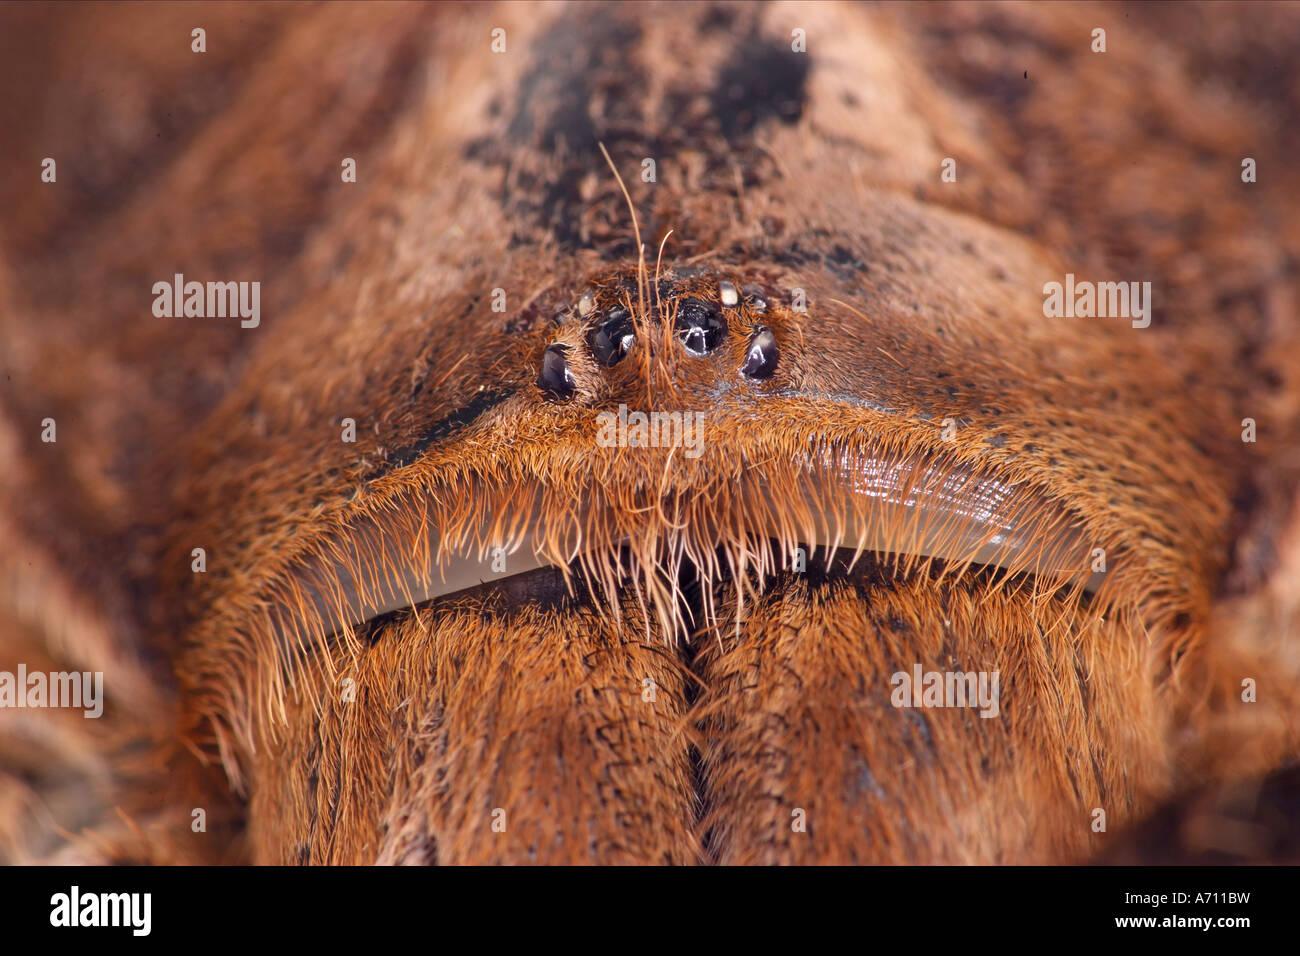 Tarantula Bird Eating Spider Stock Photos Tarantula Bird